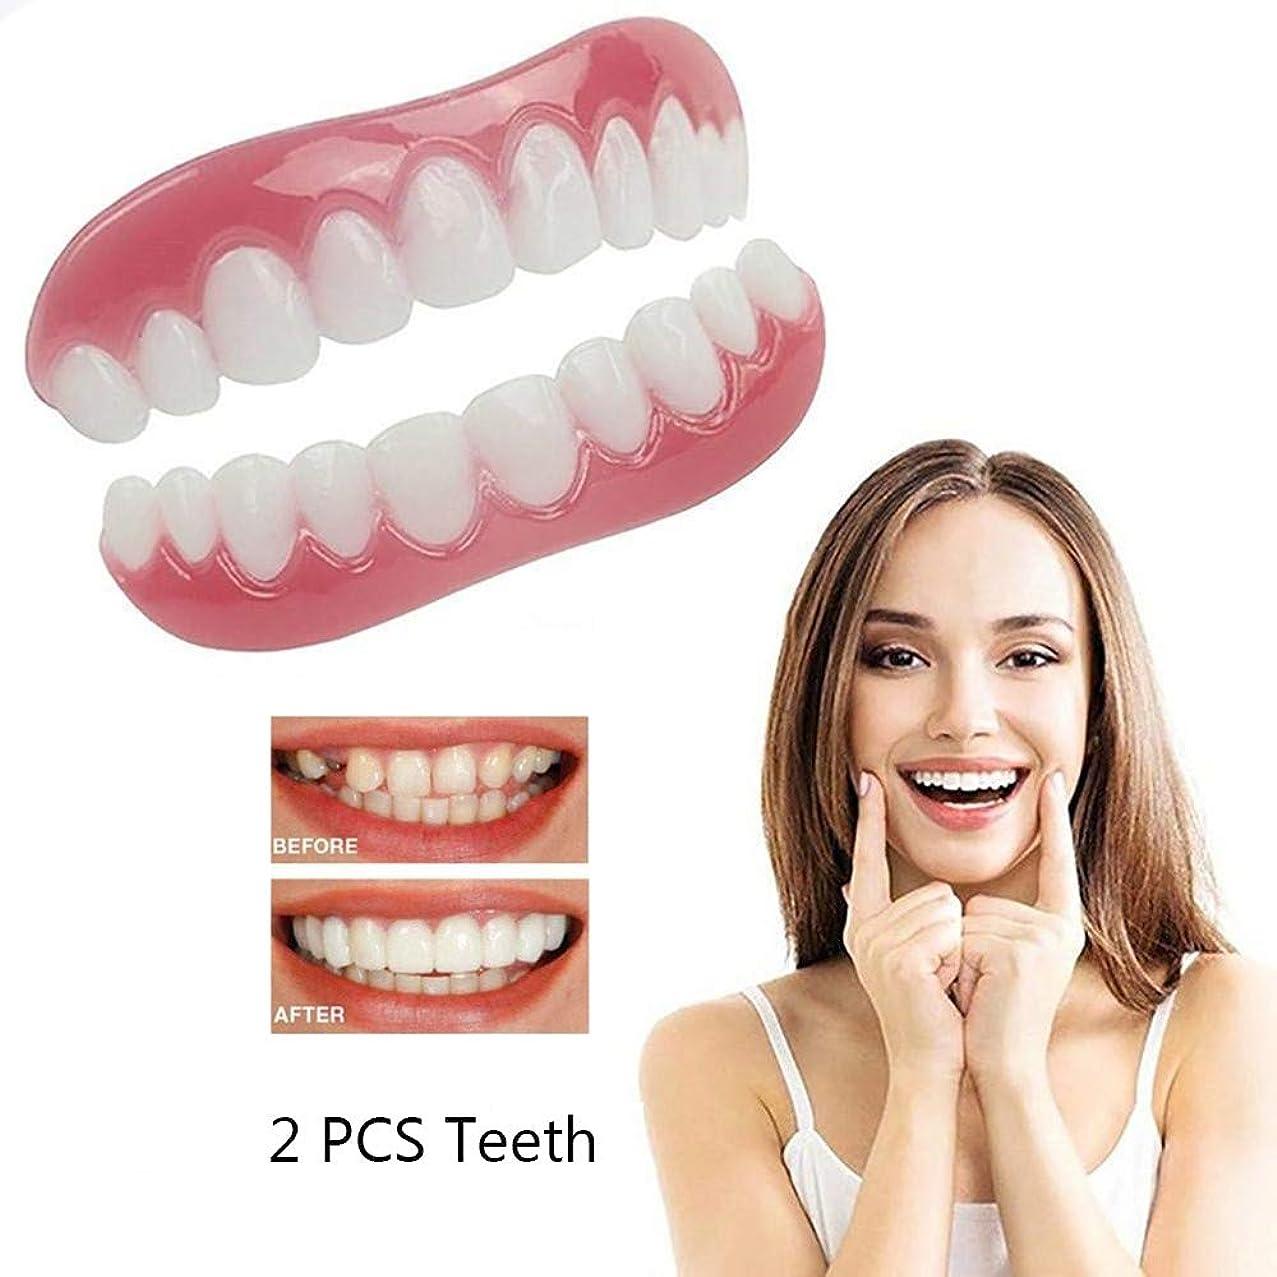 強化額グレー化粧品の歯のホワイトニングパーフェクトフィットスナップオンスマイルトップとボトムの偽歯インスタントプロテーゼスマイルコンフォートフィットフレックスオーラルケア